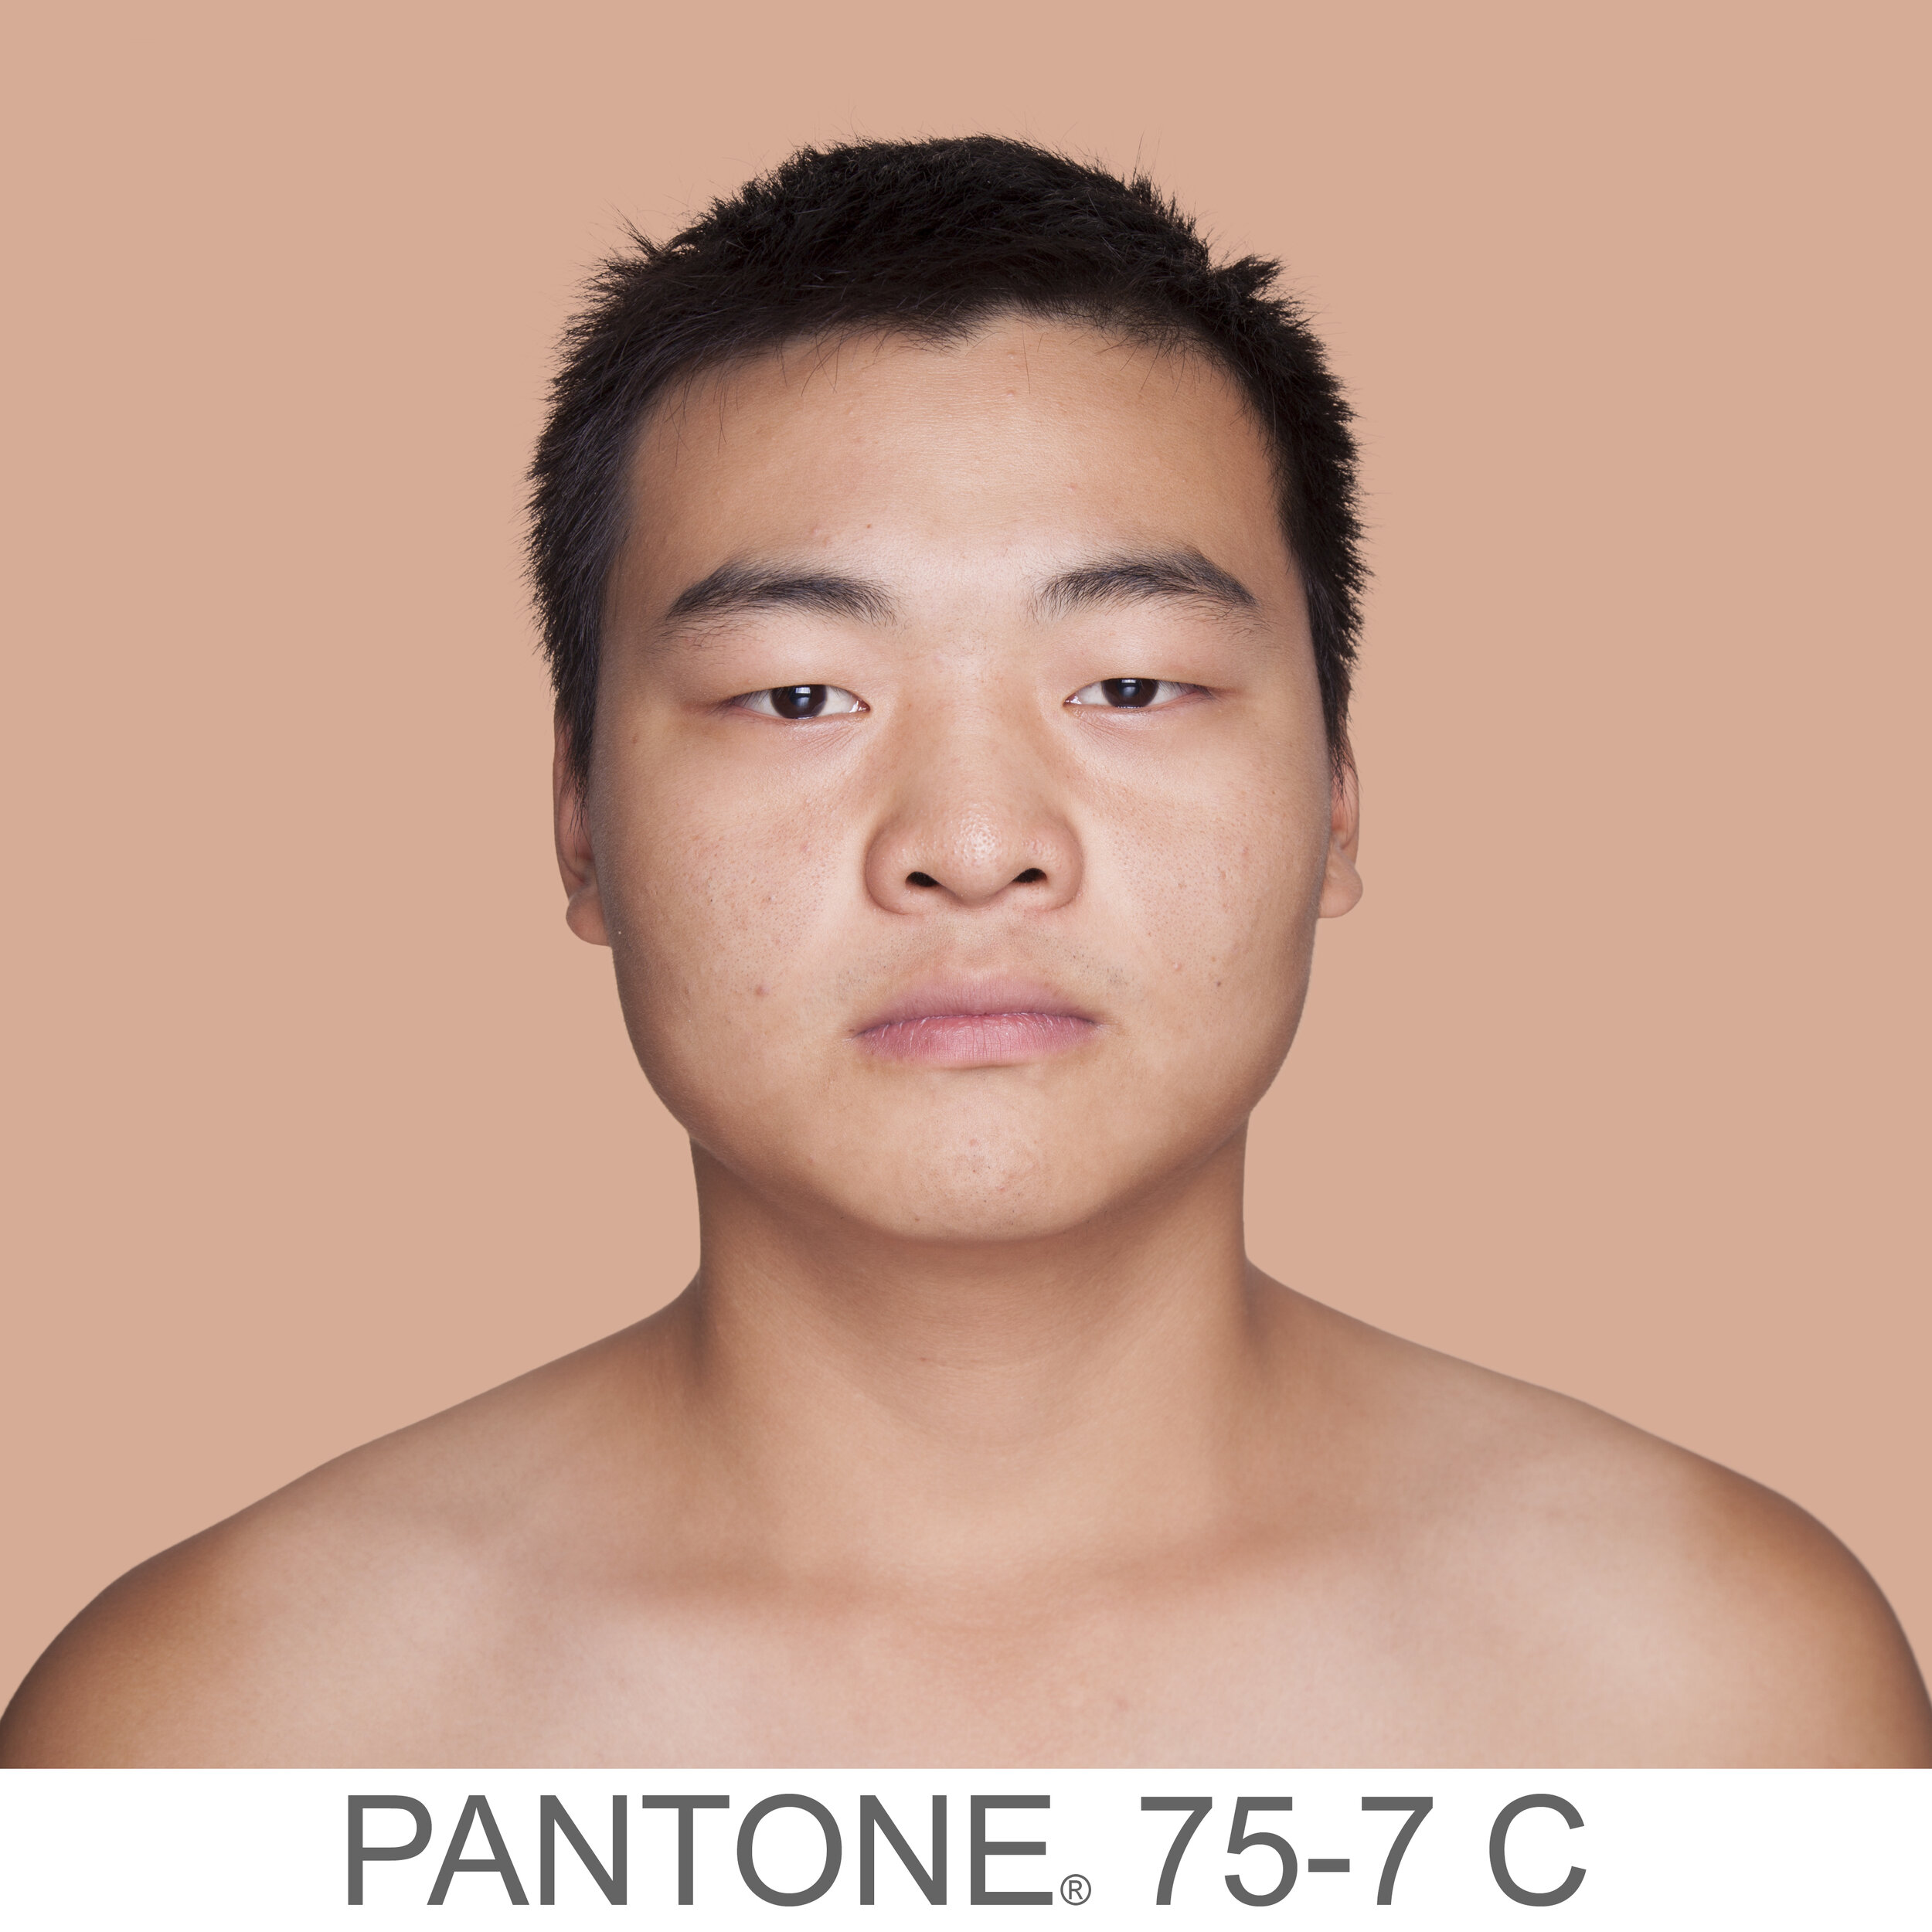 humanae 75-7 C1 CN copia.jpg